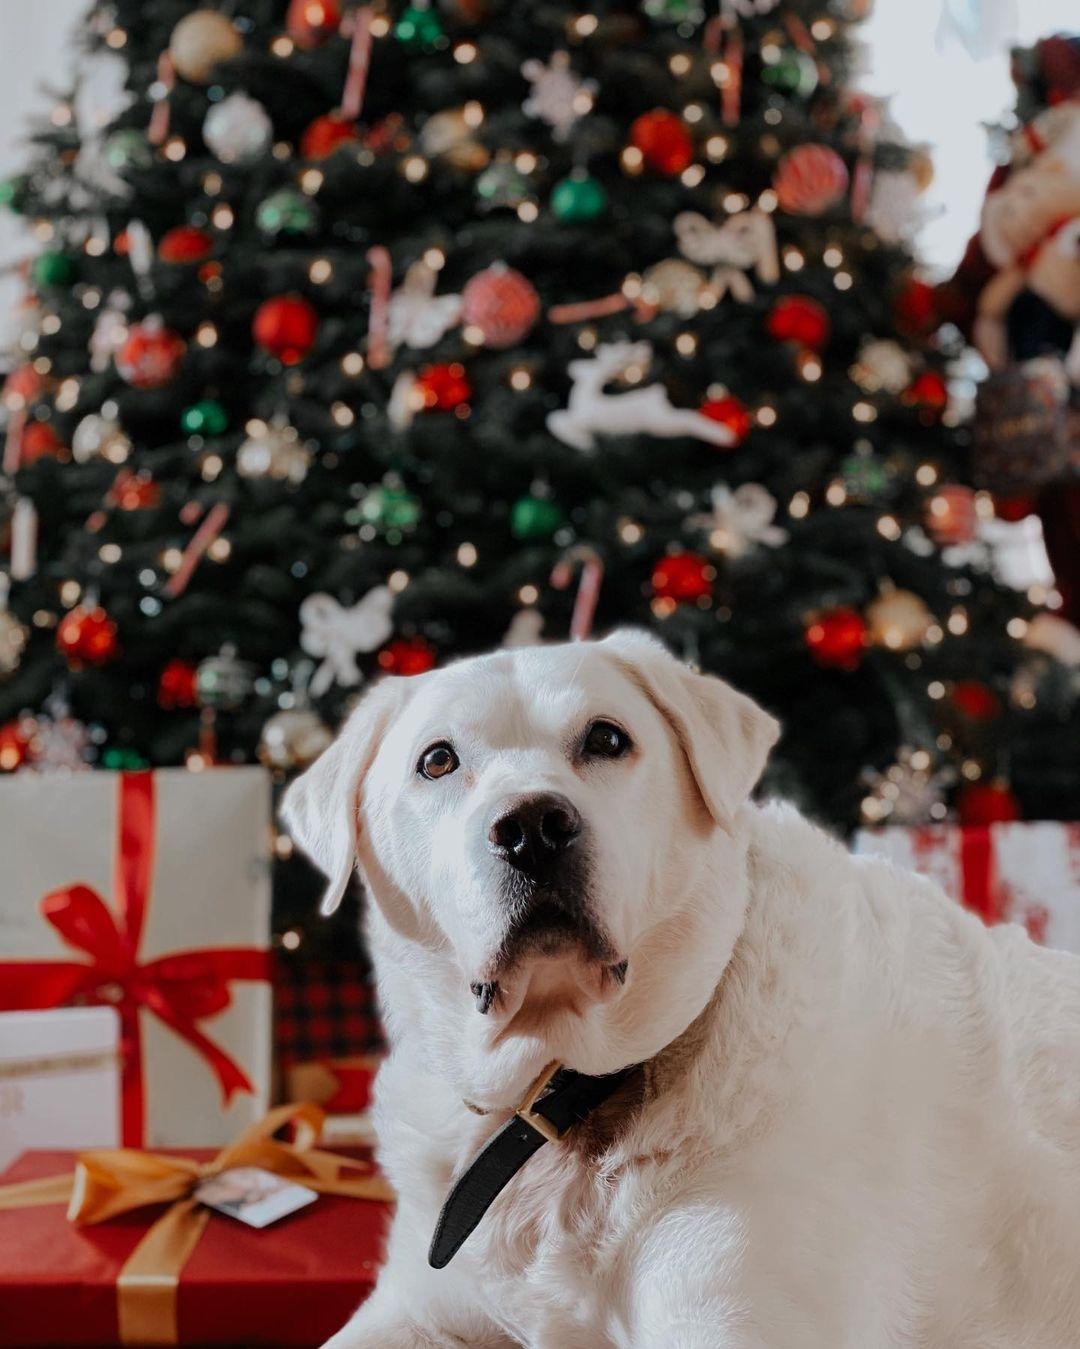 мика ньютон рождество елка новый год 2021